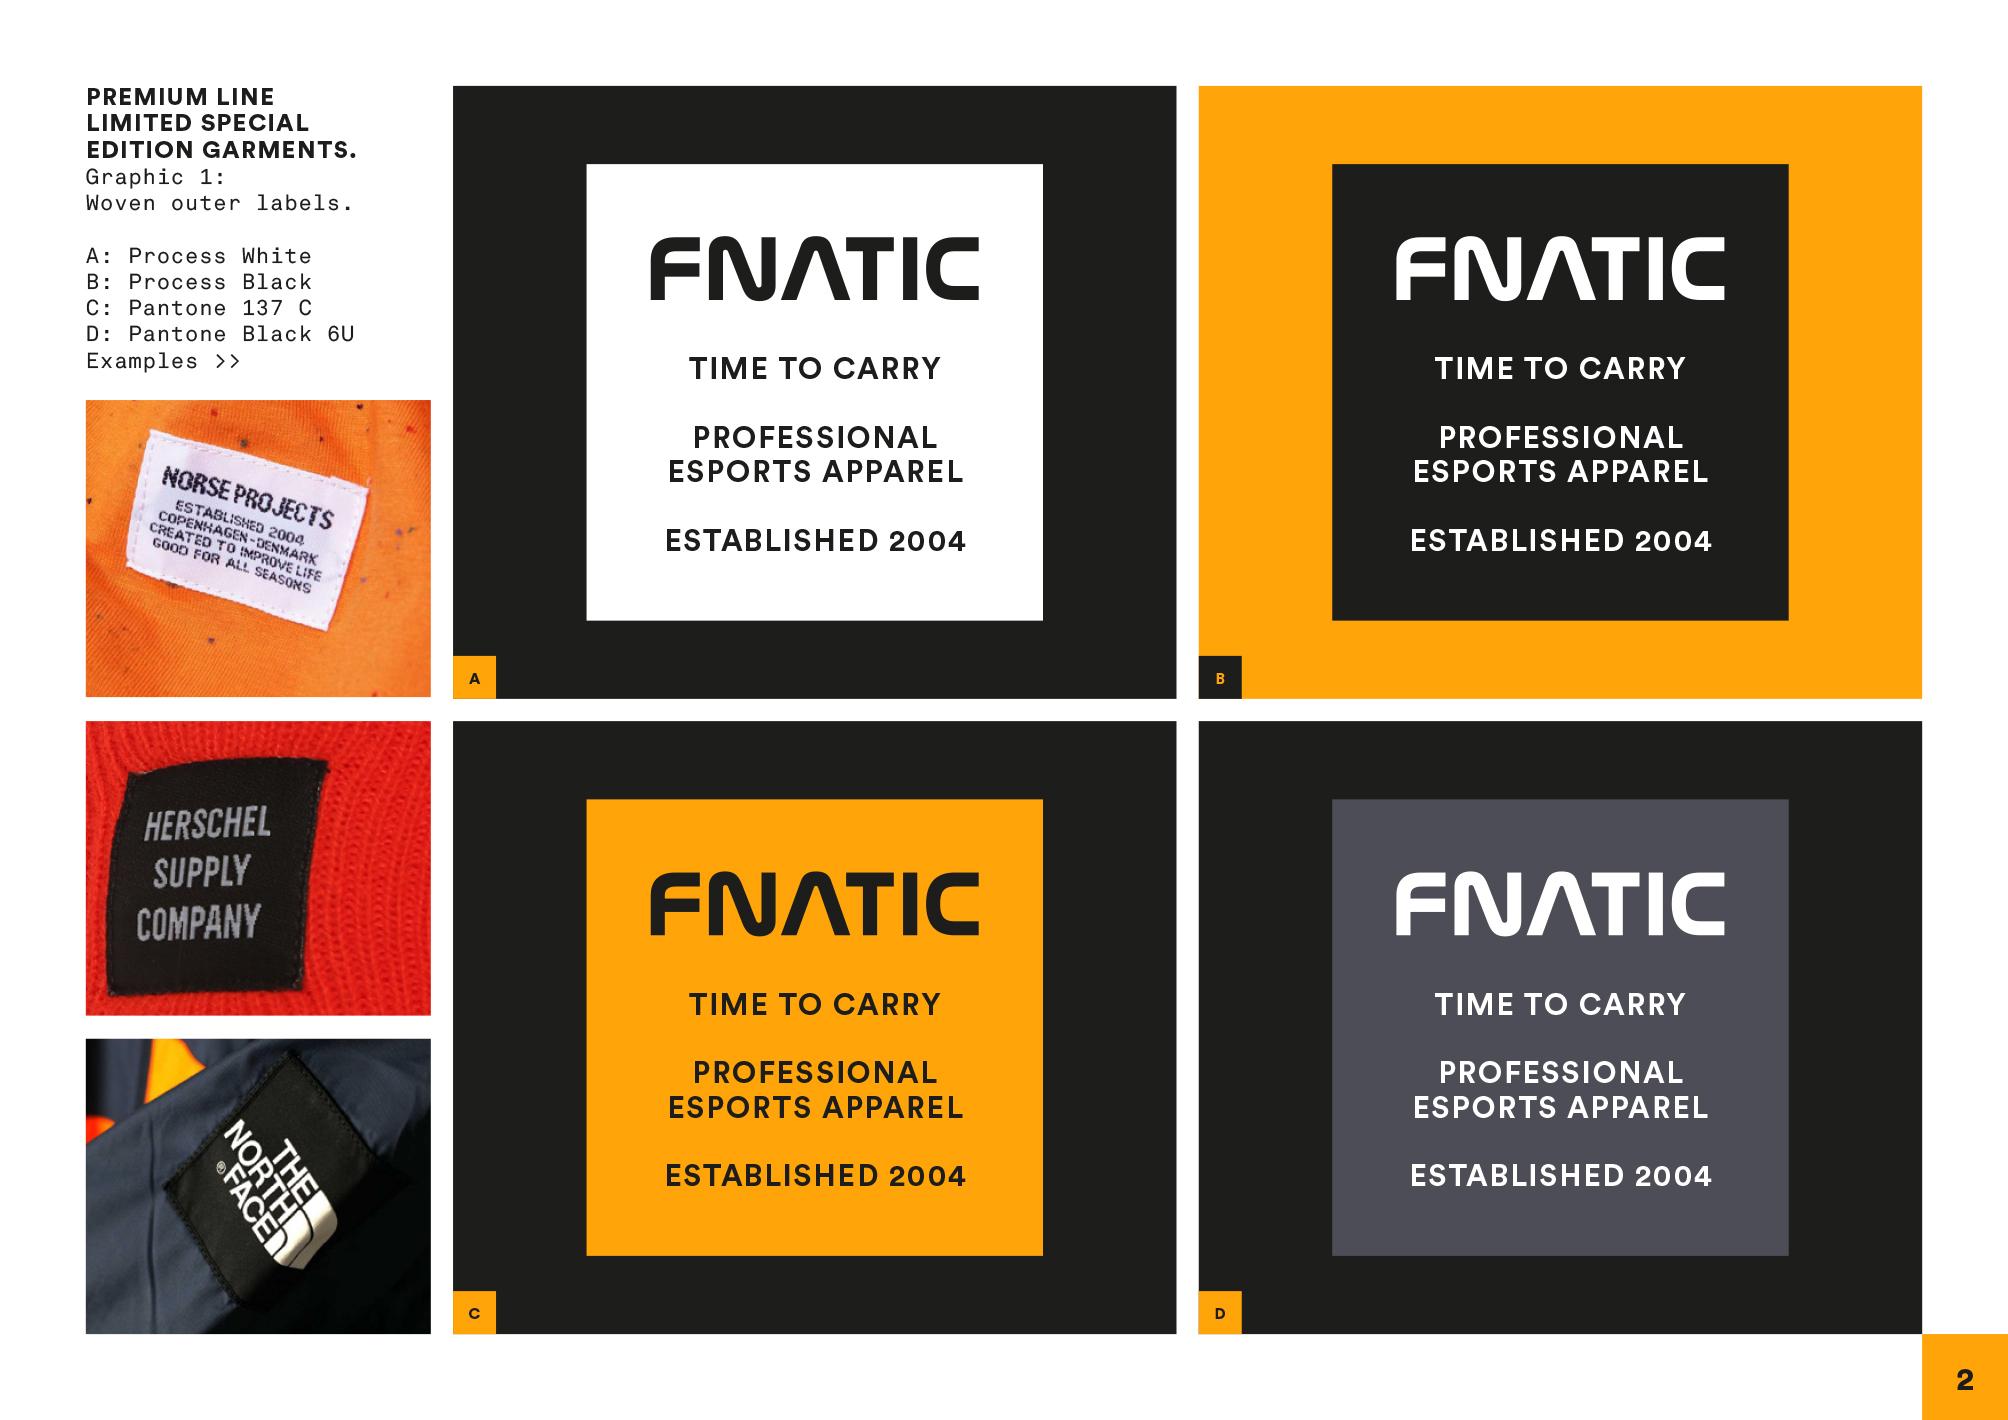 Fnatic clothing Robin Farley 2017-2